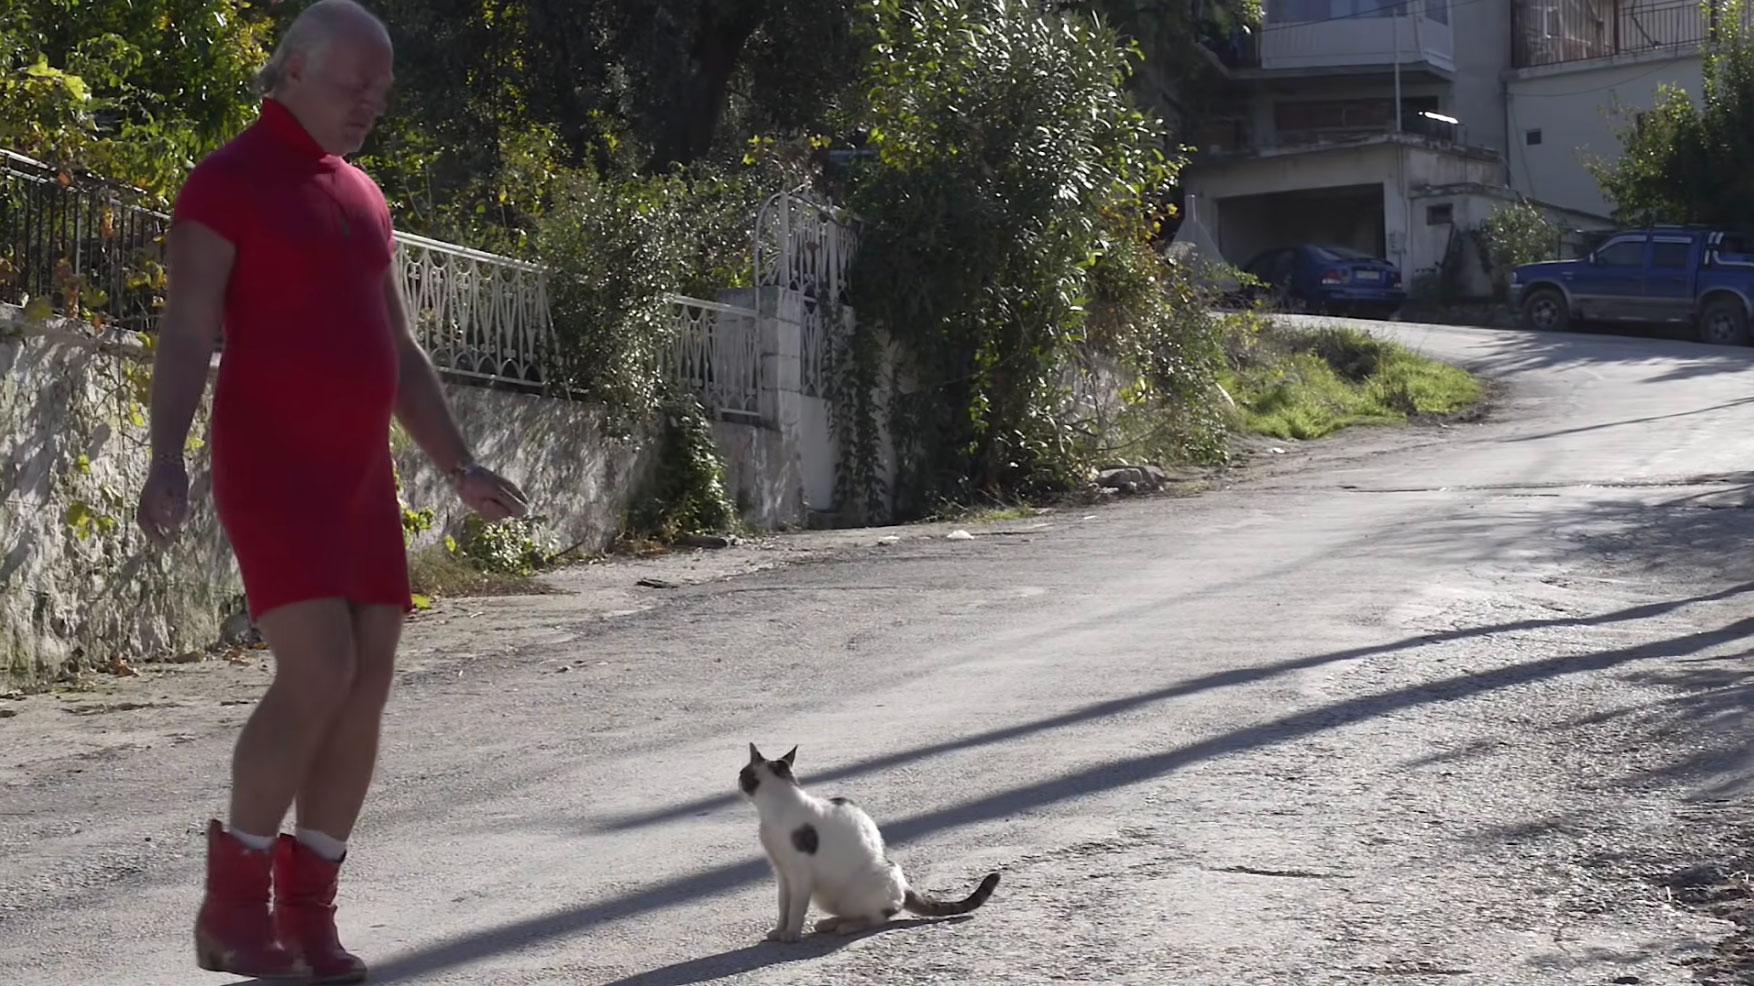 Θρίλερ με την Δημήτρη της Λέσβου: Φόβοι πως έπεσε θύμα τροχαίου – Βαλλιανάτος: «Αναγνωρίστηκε η σορός»